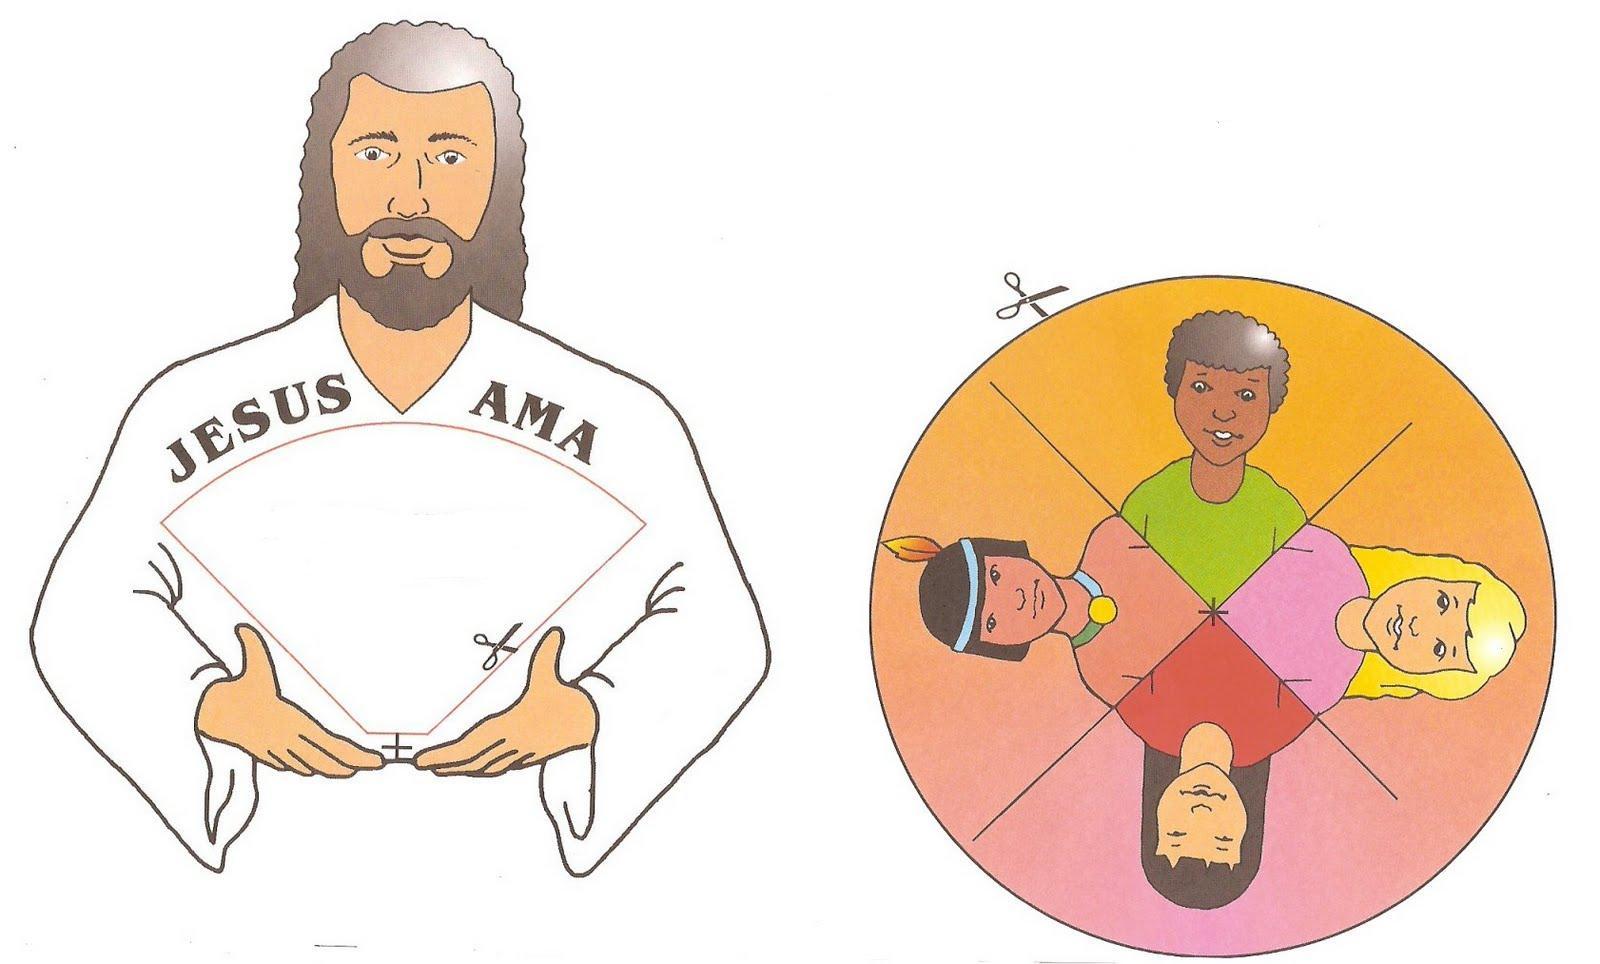 Las Misiones Y Los Niños Dibujos Para Colorear De Niños: Las Misiones Y Los Niños: Imagenes Misiones